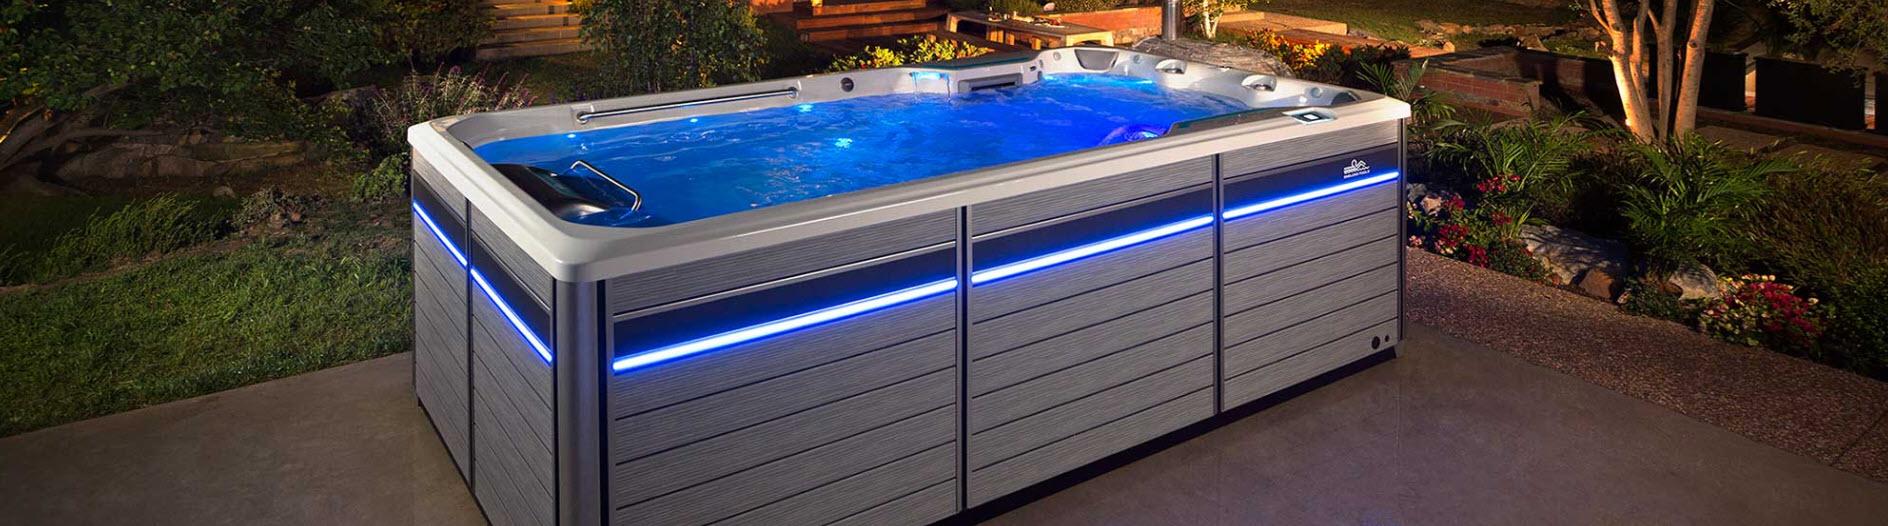 Lap Pools – A Smart Space-Saving Solution, Swim Spas for Sale West Des Moines